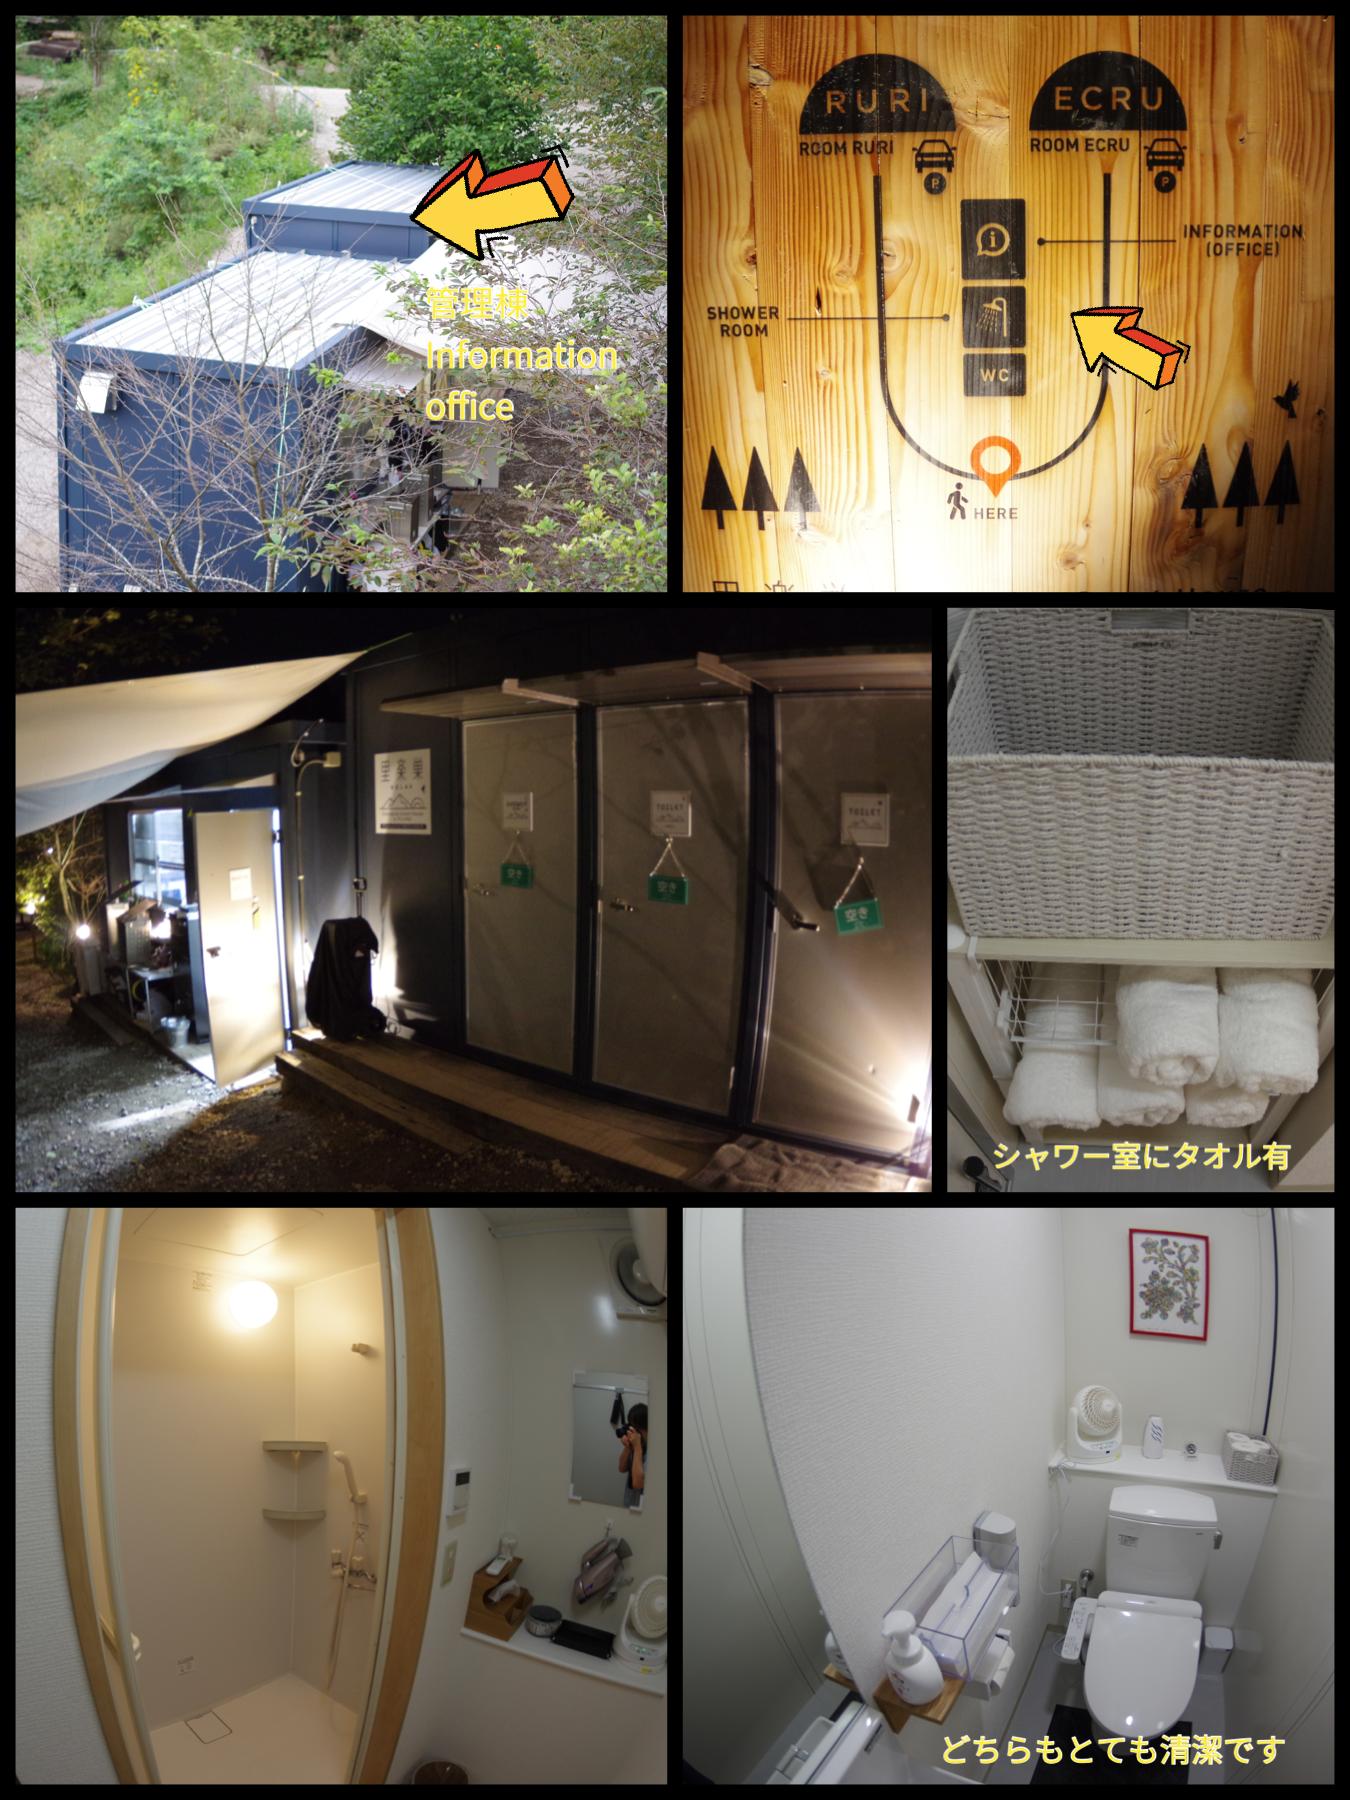 相模原の新グランピング施設「里楽巣(リラックス)FUJINO」RURIトイレ